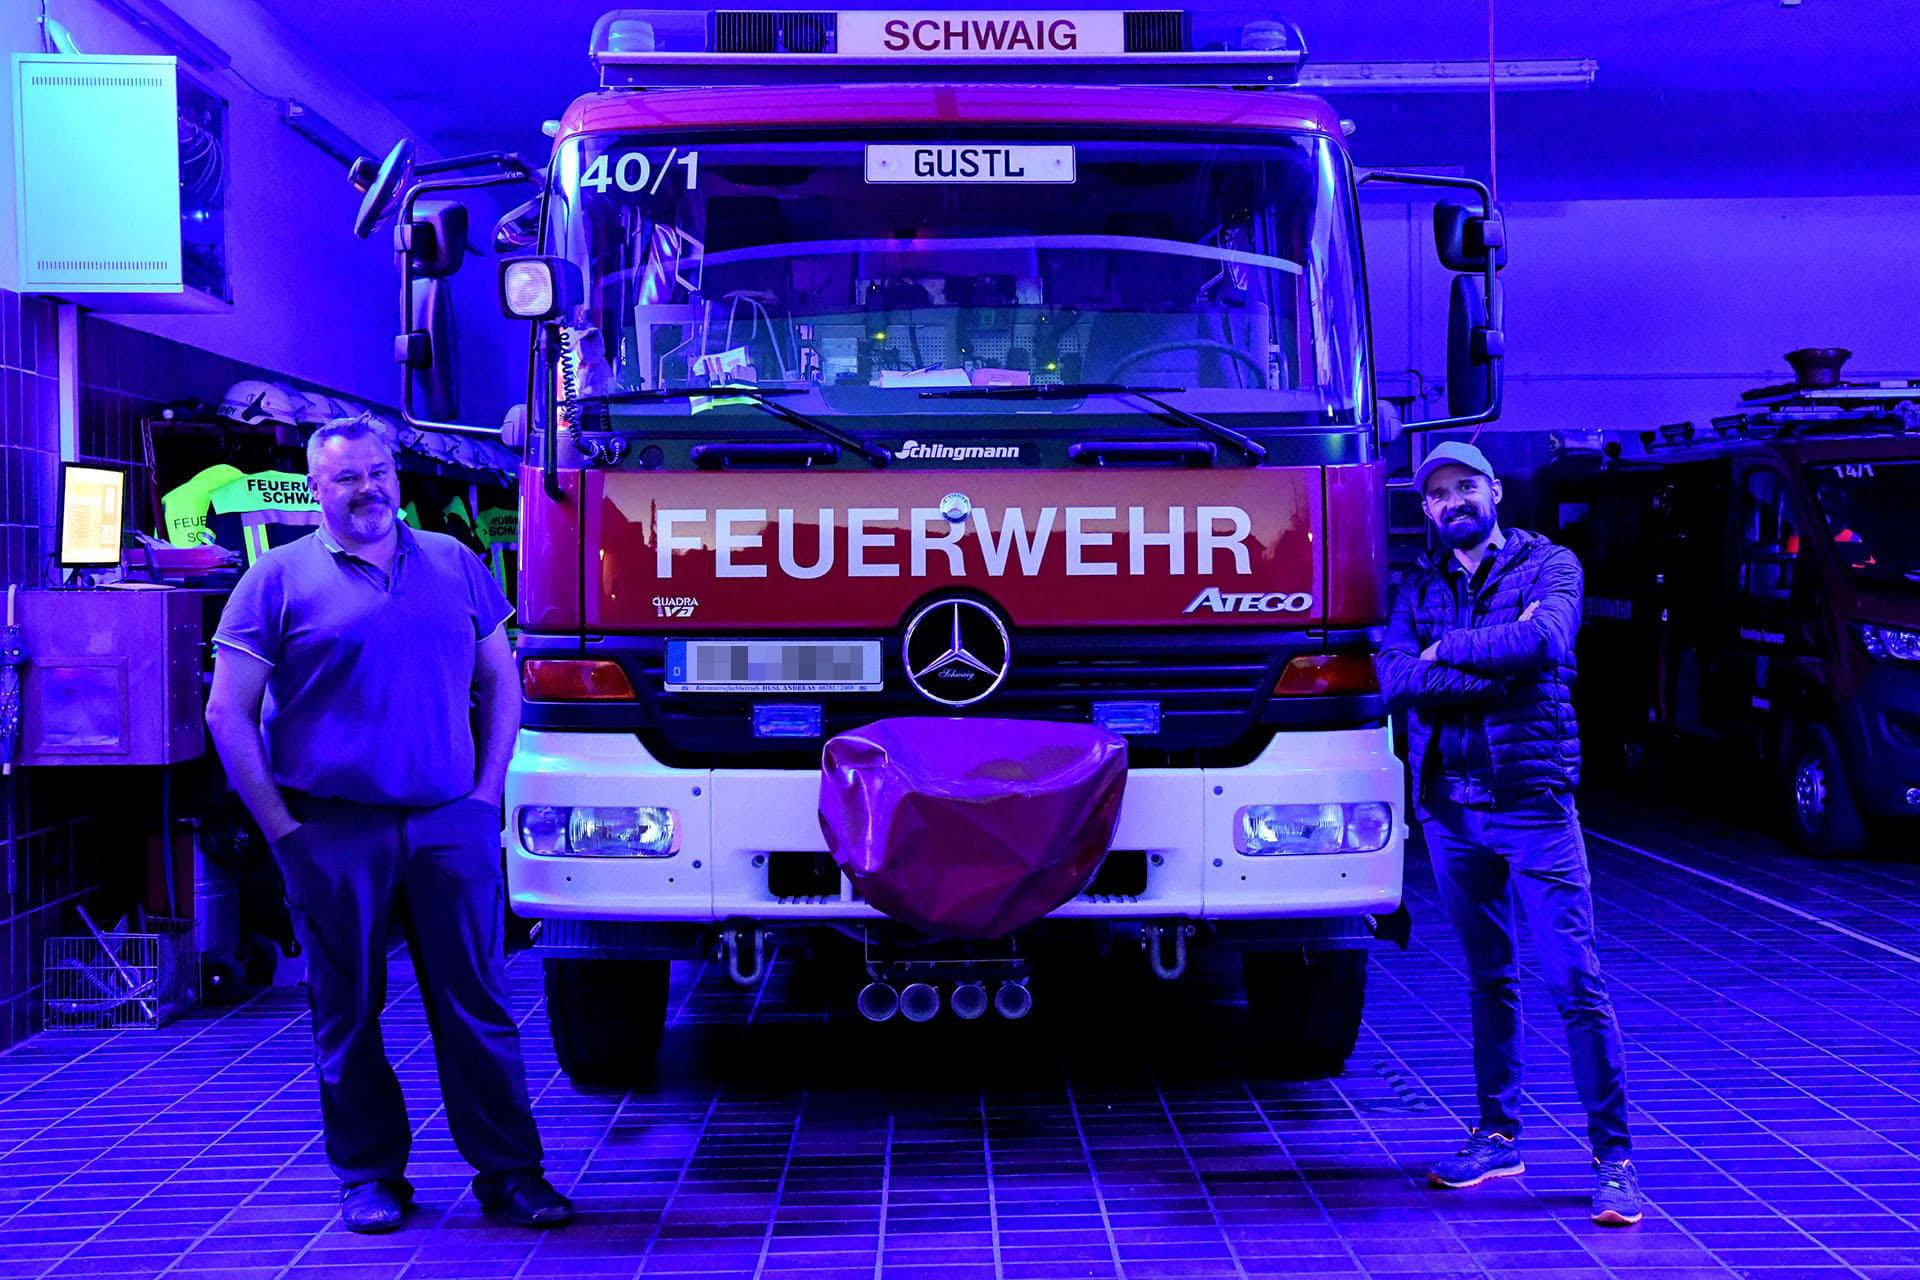 Unternehmen_Referenzen_Feuerwehr_Schwaig_Galerie_4